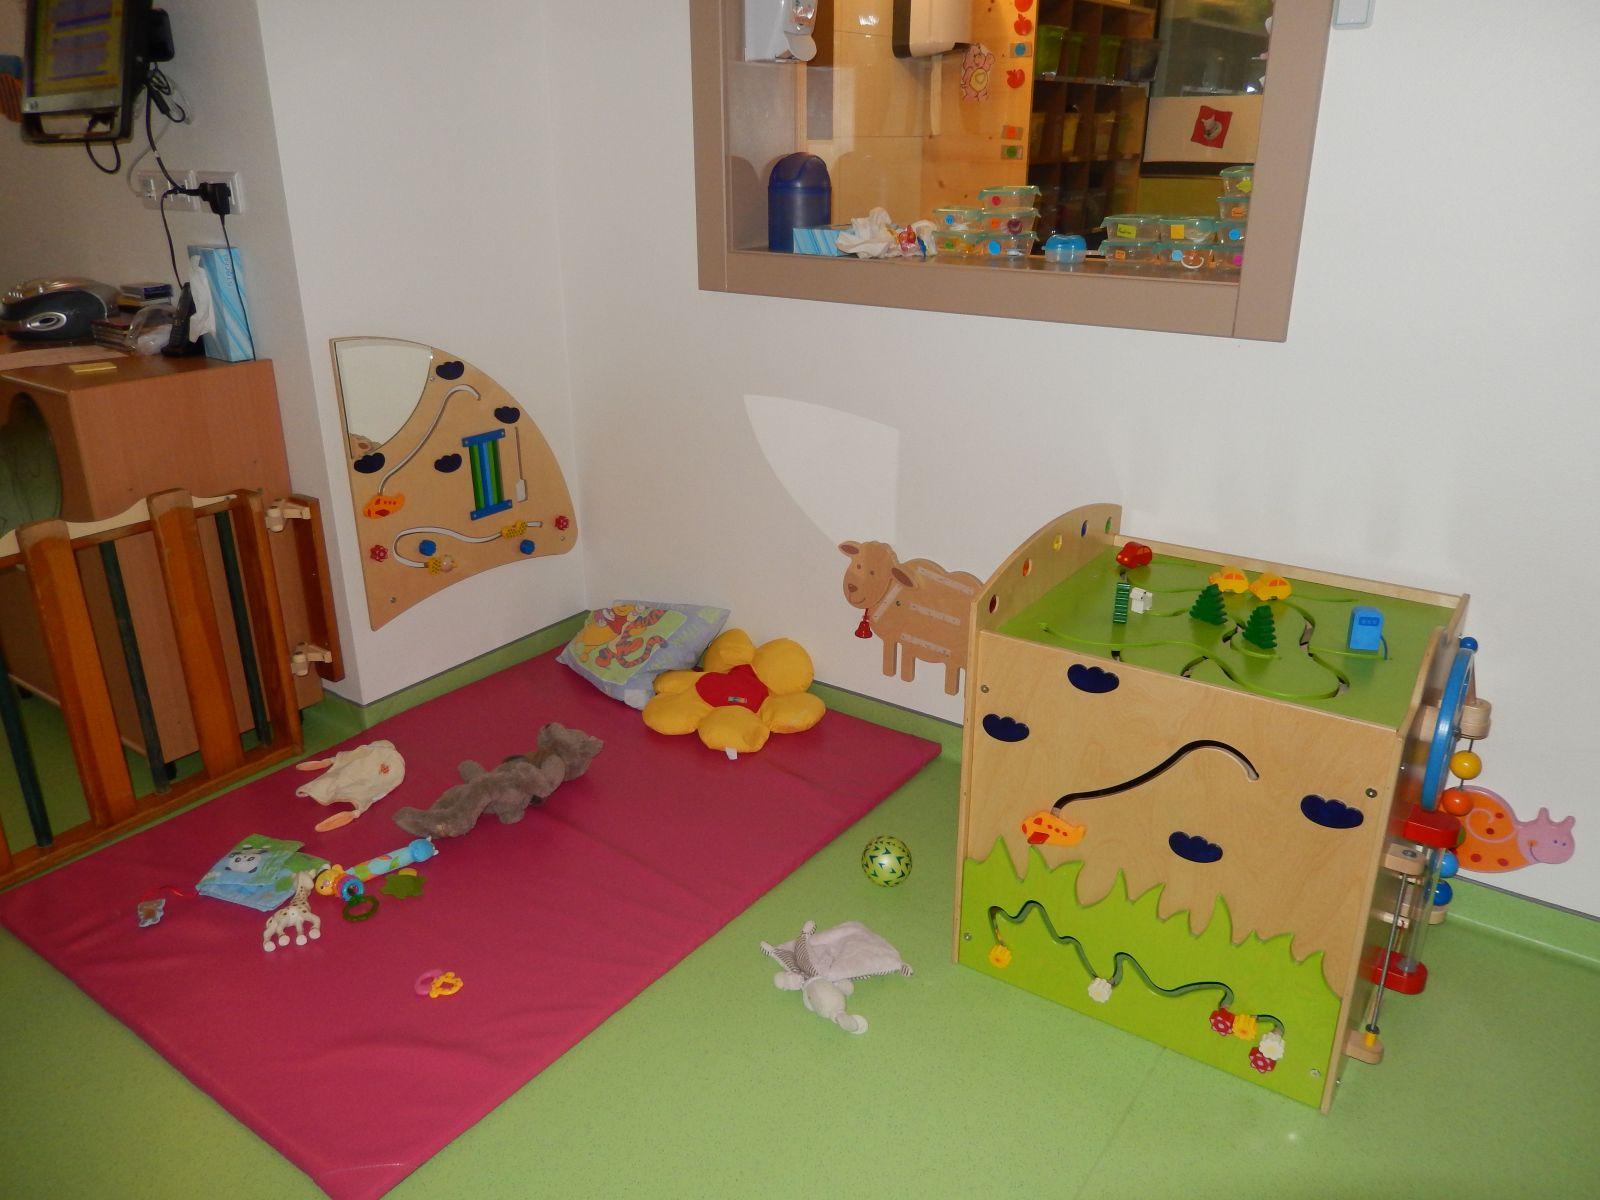 1 salle de jeux b b s 2 espace de jeux moyens 3. Black Bedroom Furniture Sets. Home Design Ideas